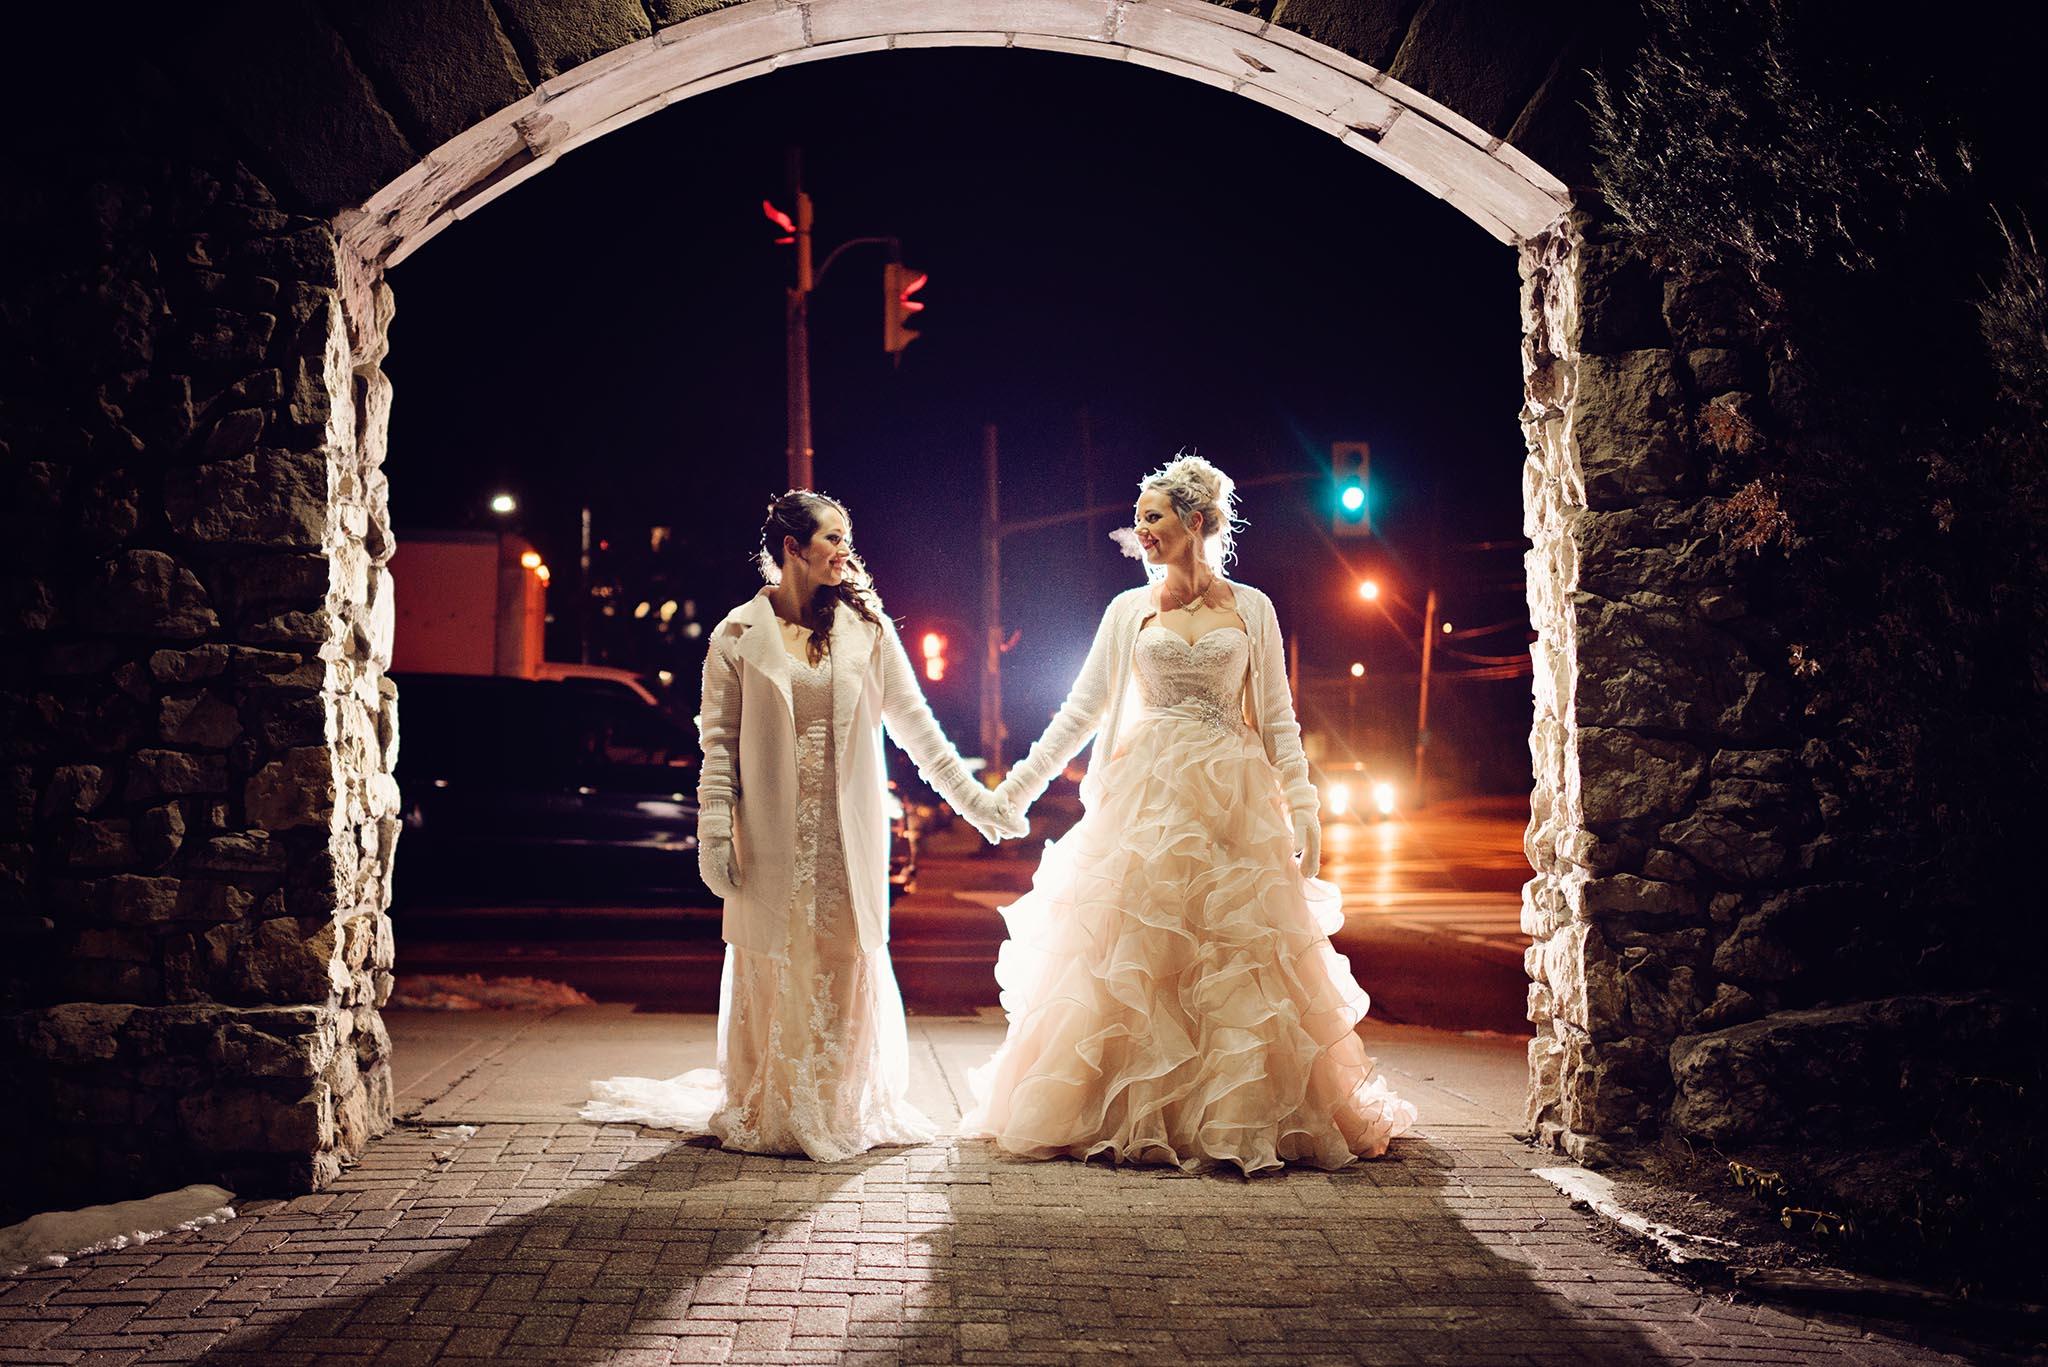 Peter-Bendevis-Photography-Kris-Laura-Cambridge-Mill-Winter-Wedding21